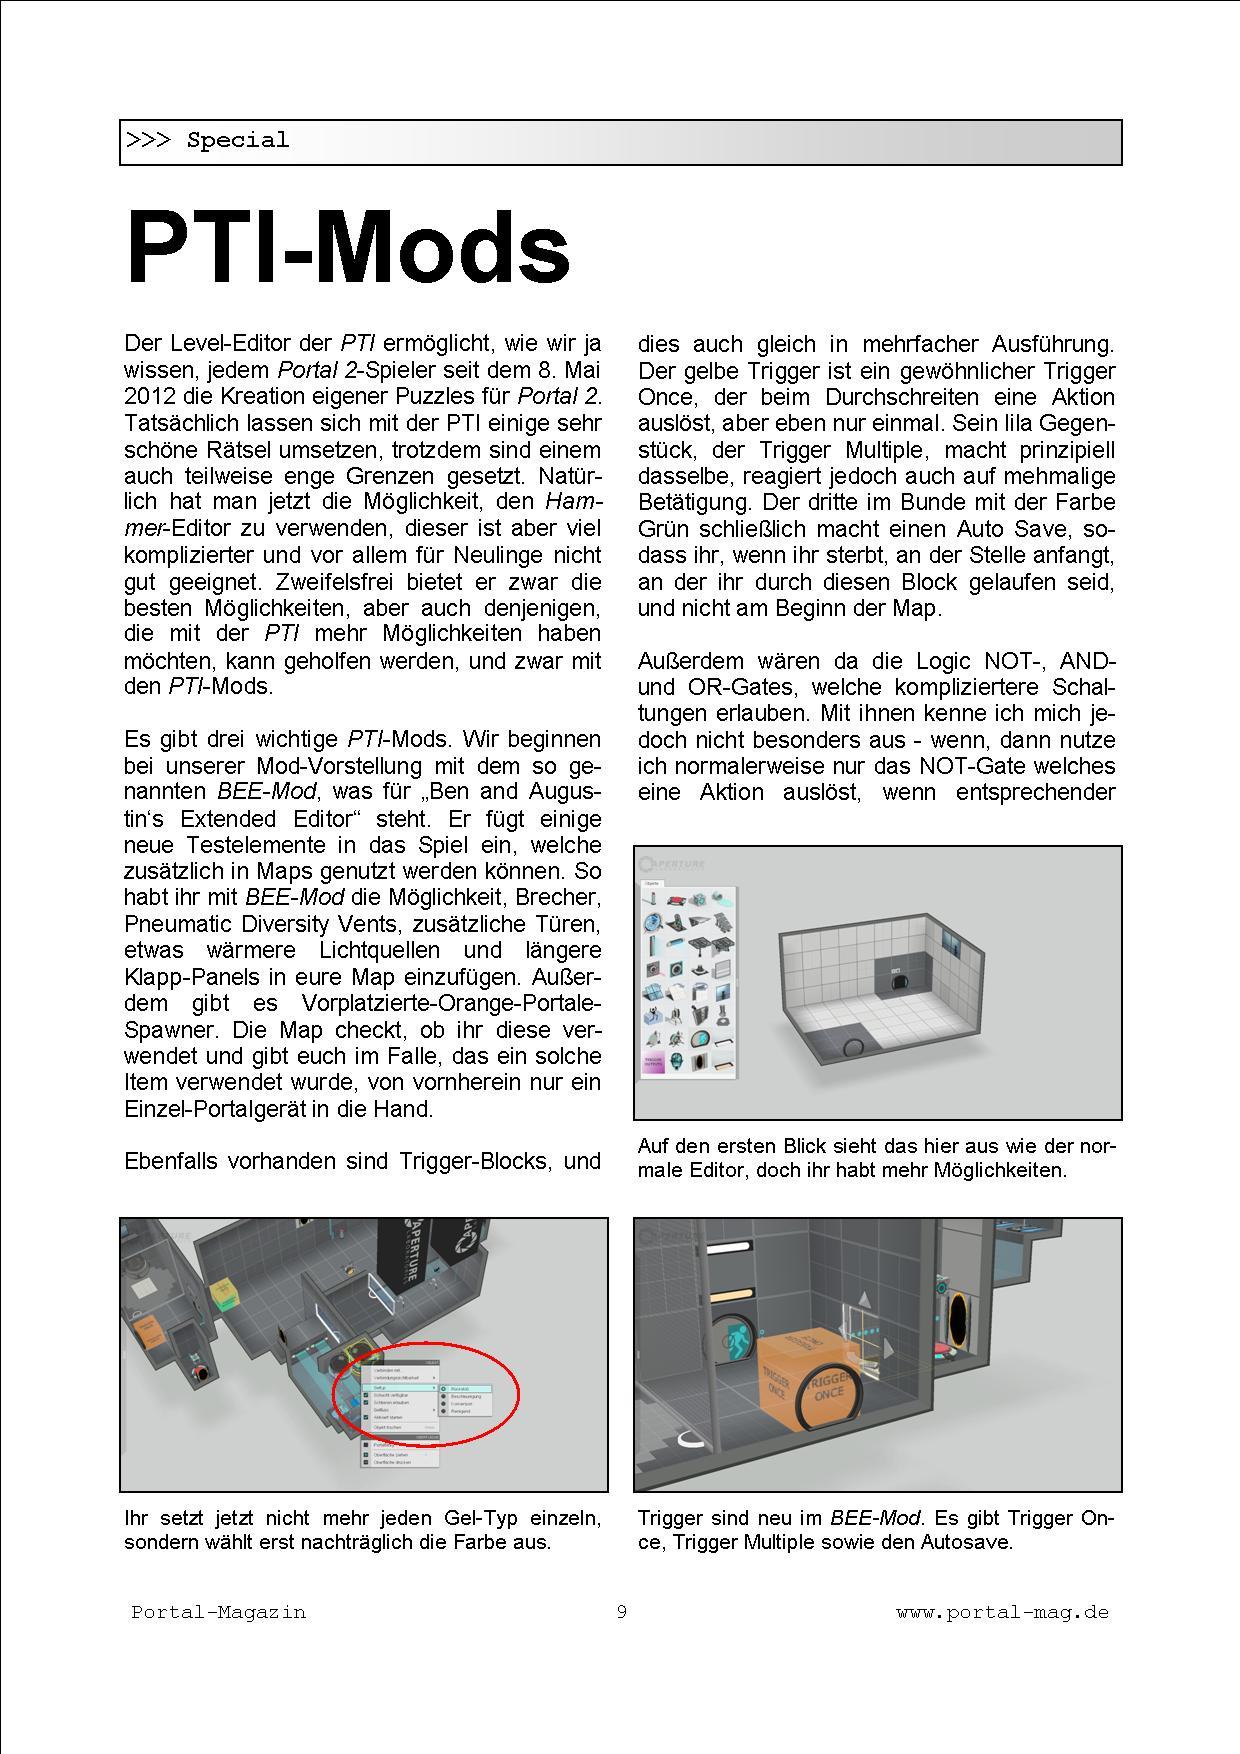 Ausgabe 13, Seite 9